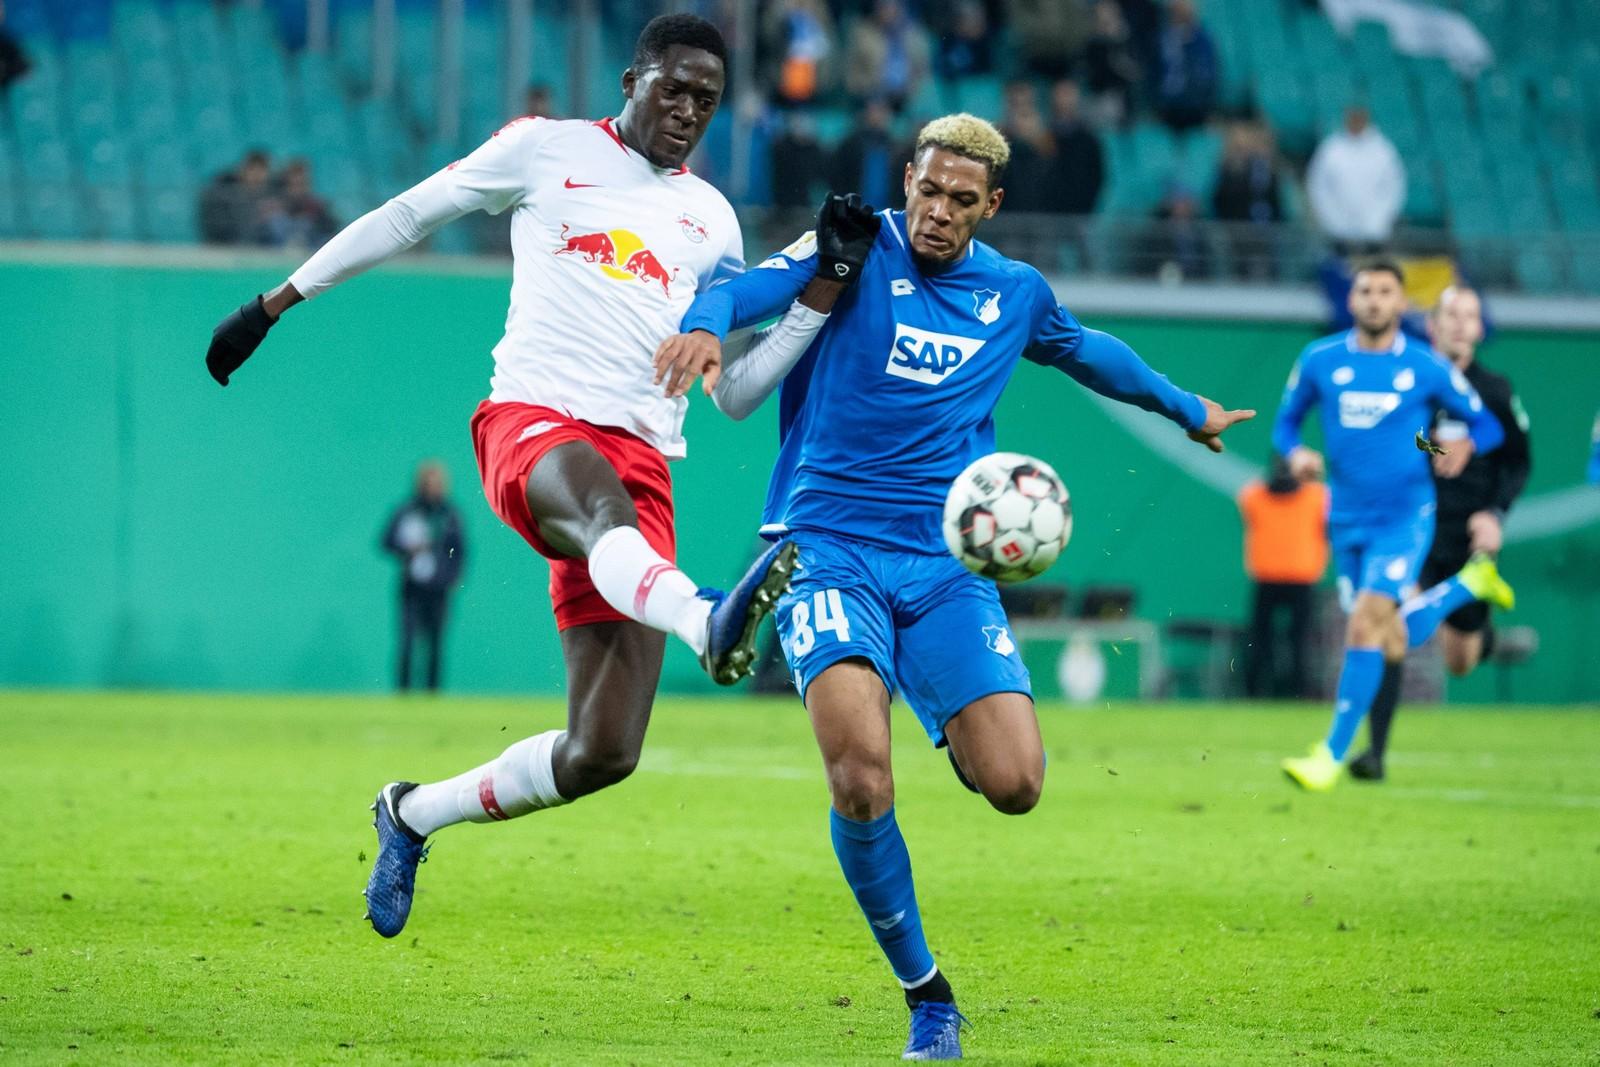 Verhindert Ibrahima Konaté Hoffenheims nächsten Sieg? Jetzt auf Leipzig gegen Hoffenheim wetten!